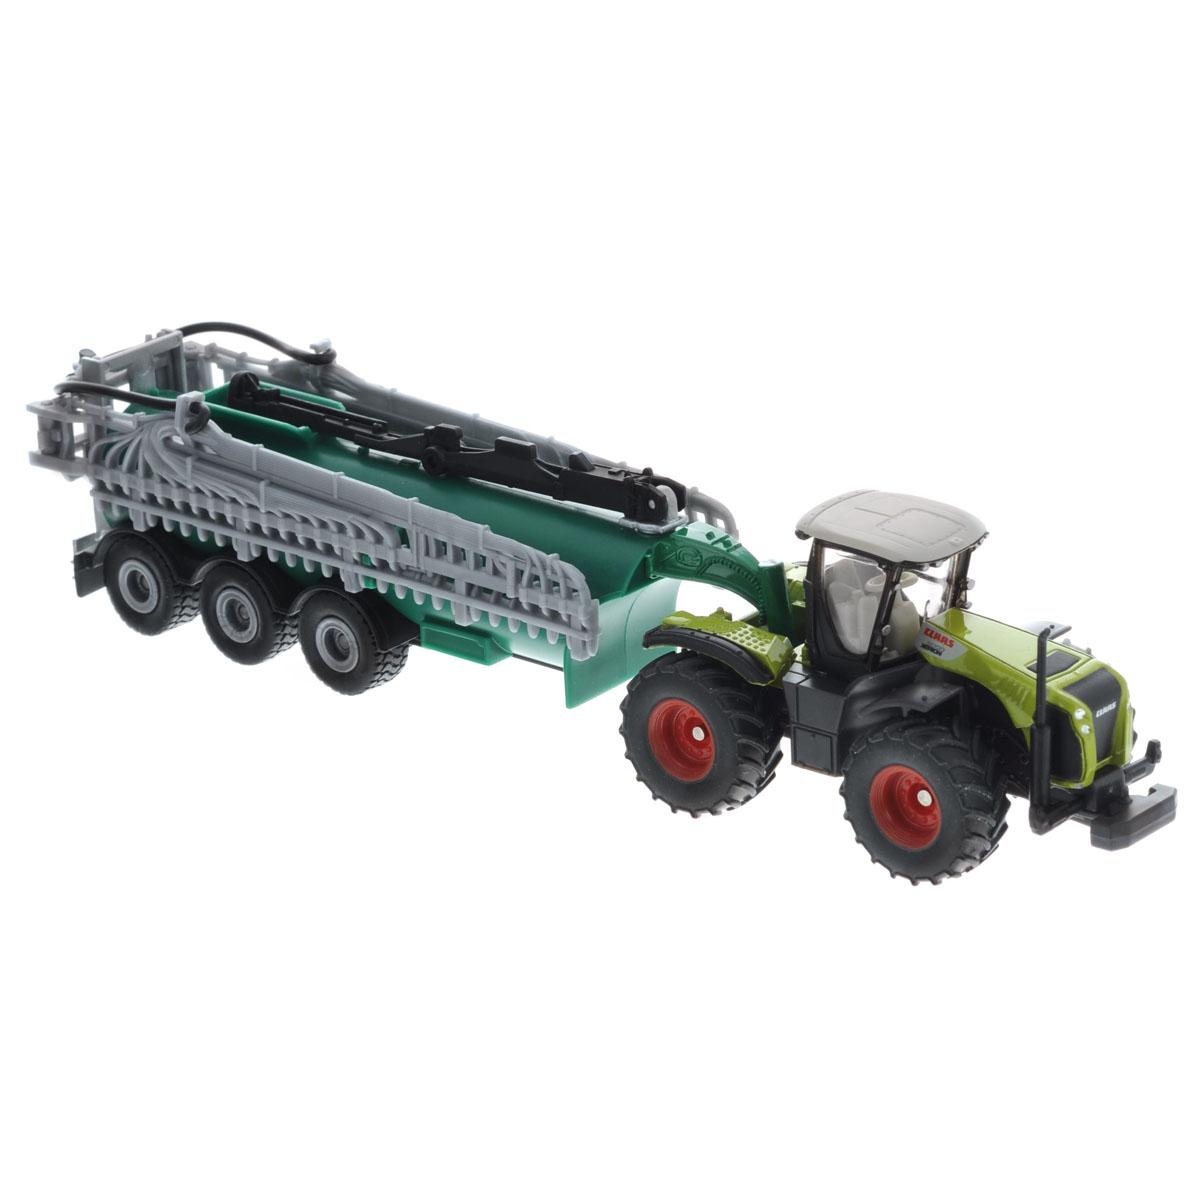 Siku Трактор Claas Xerion с вакуумным баком Samson машины tomy john deere трактор monster treads с большими колесами и вибрацией